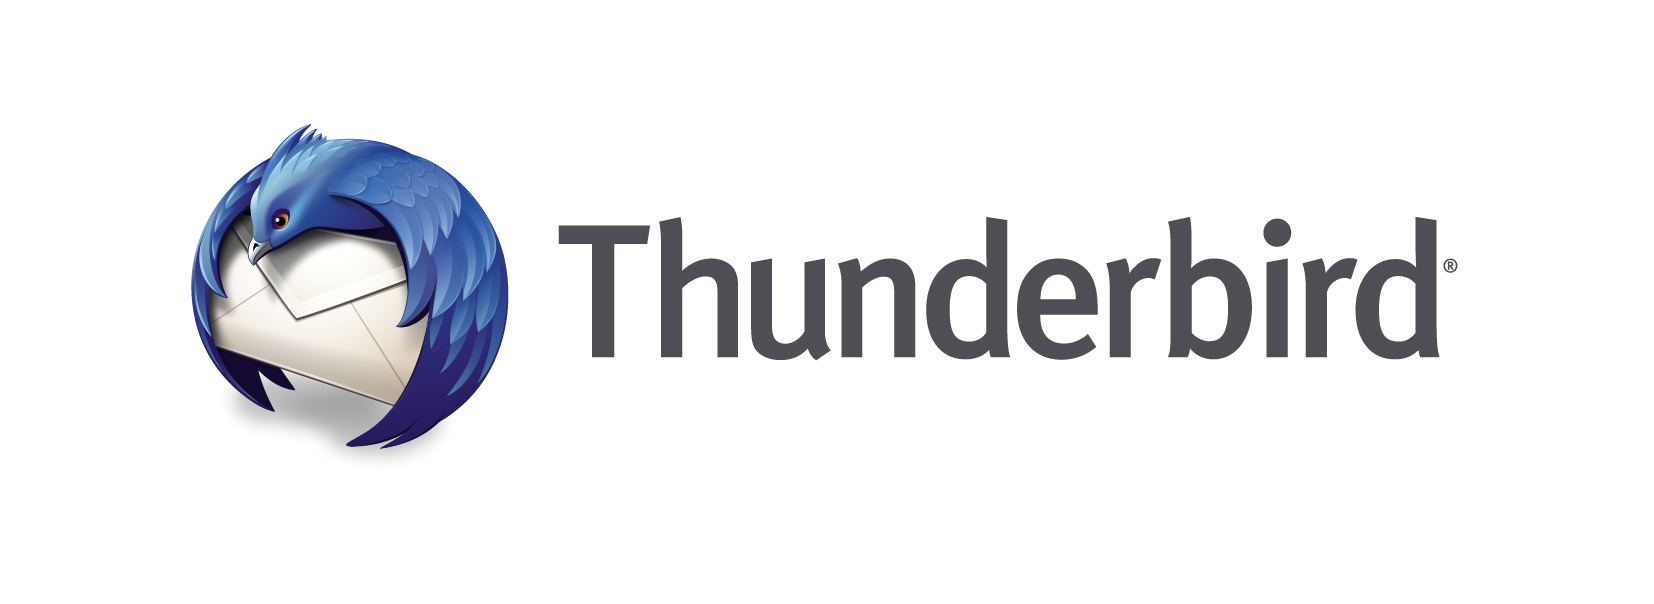 Mozilla Thunderbird نرم افزار مدیریت ایمیل . Mozilla Thunderbird را دریافت کنید